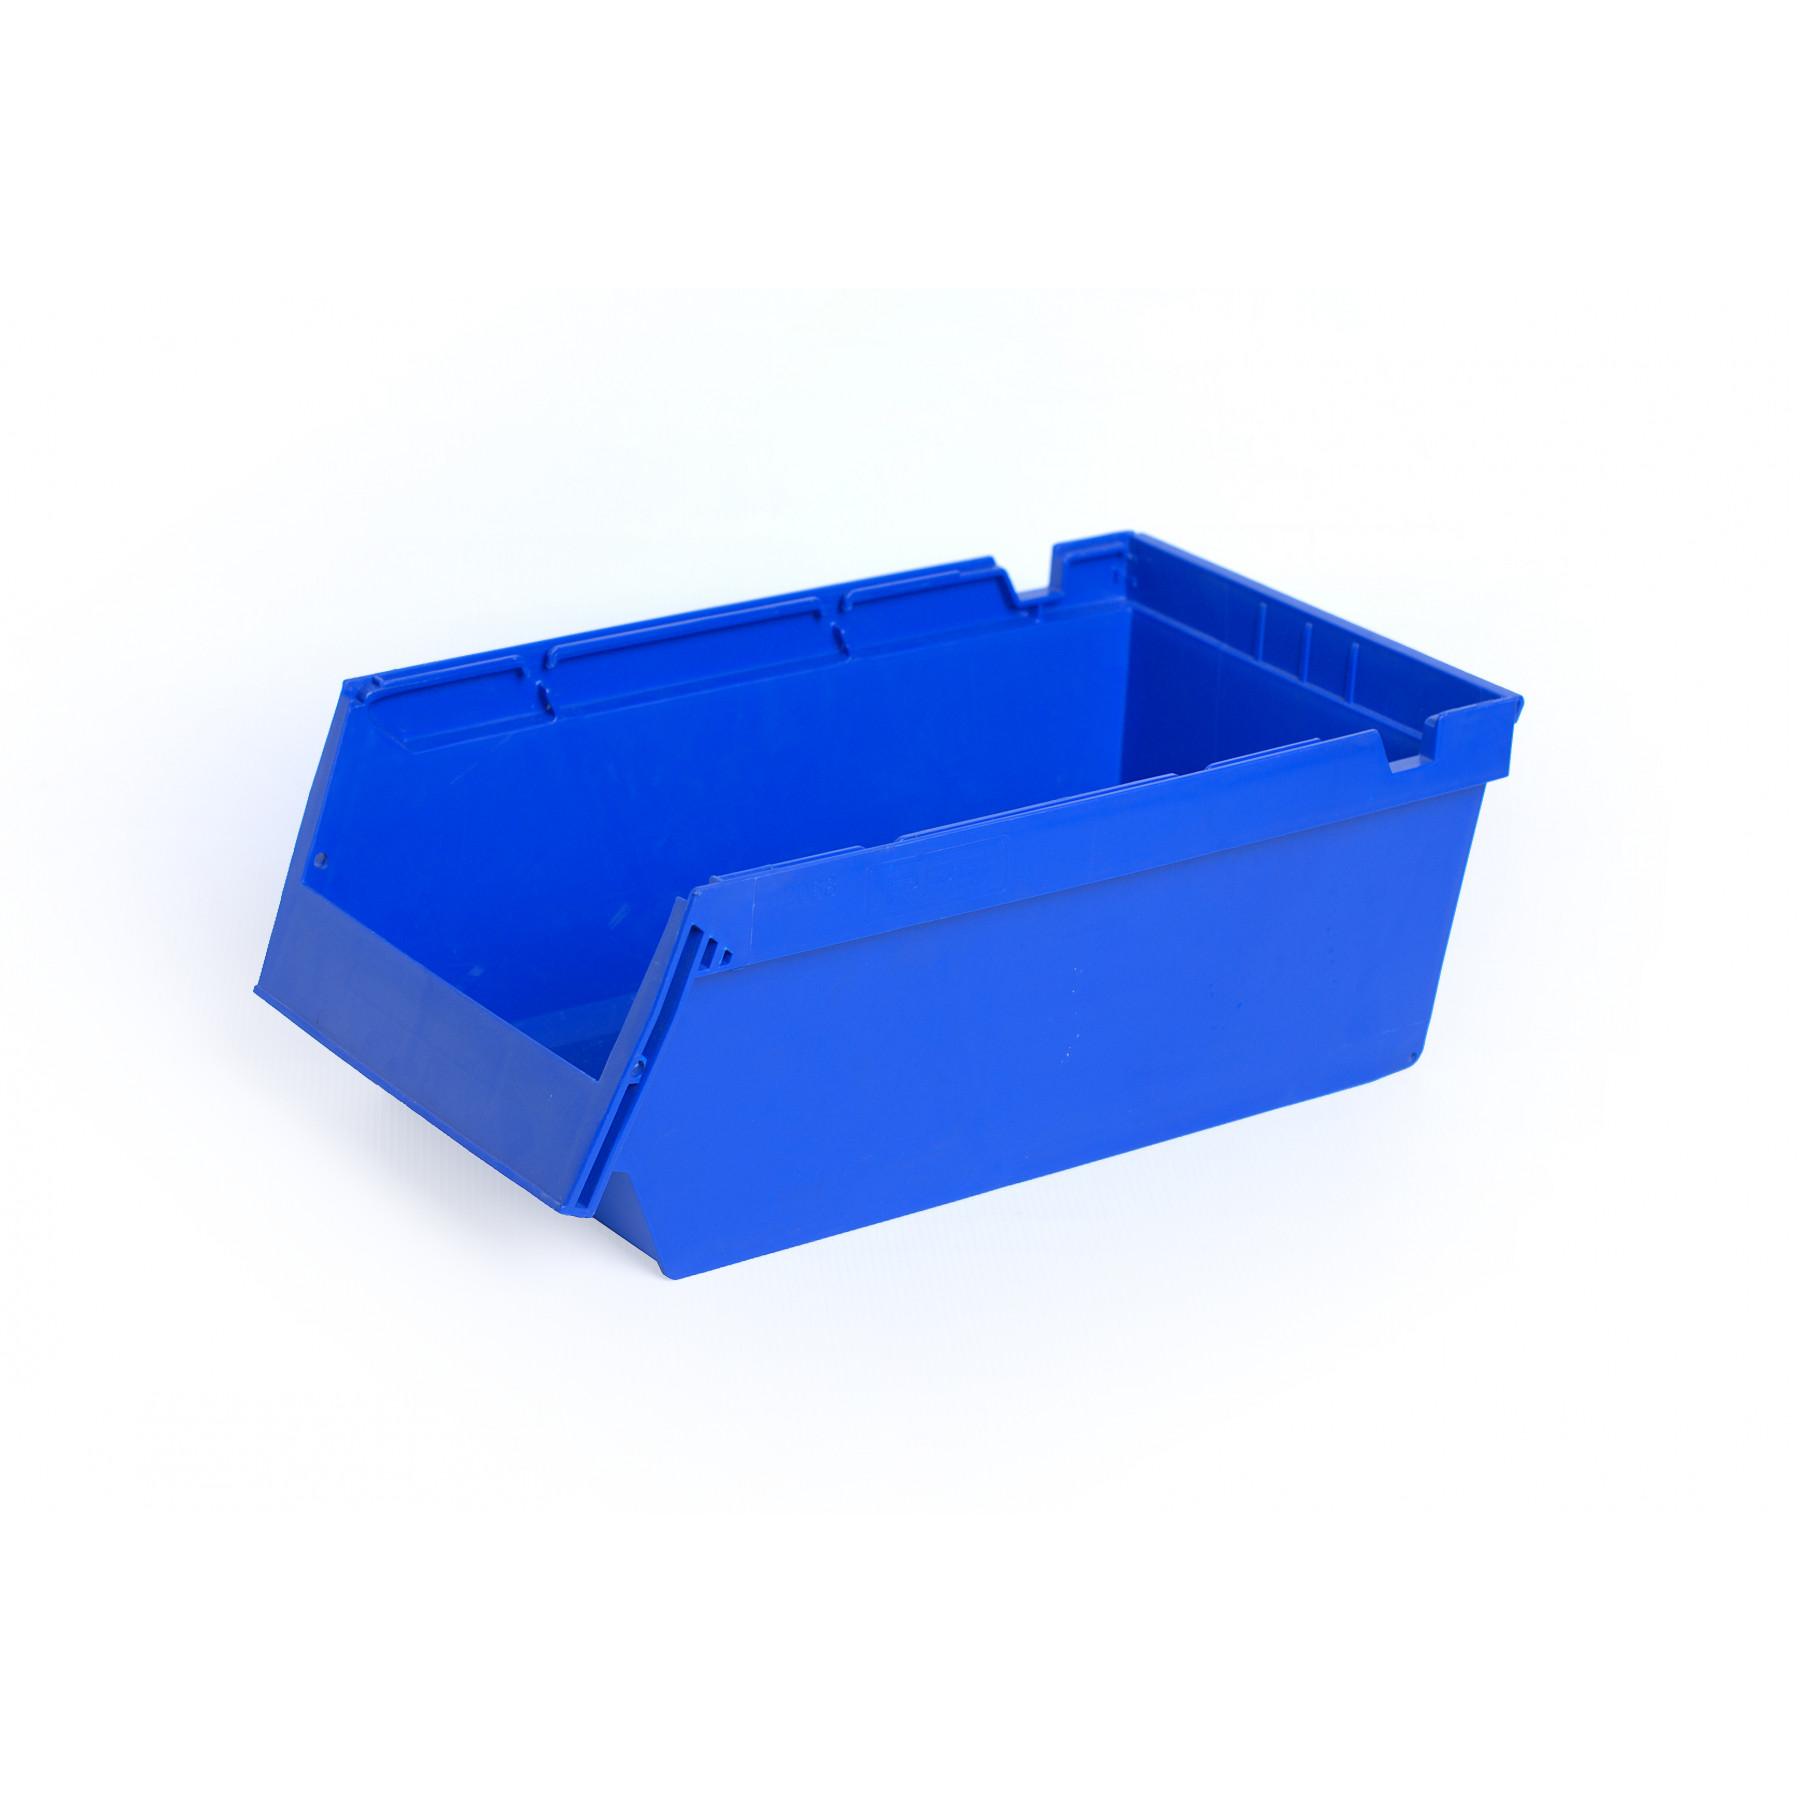 Nestbare- en stapelbare stellingbak 400x230x150mm, kleur blauw